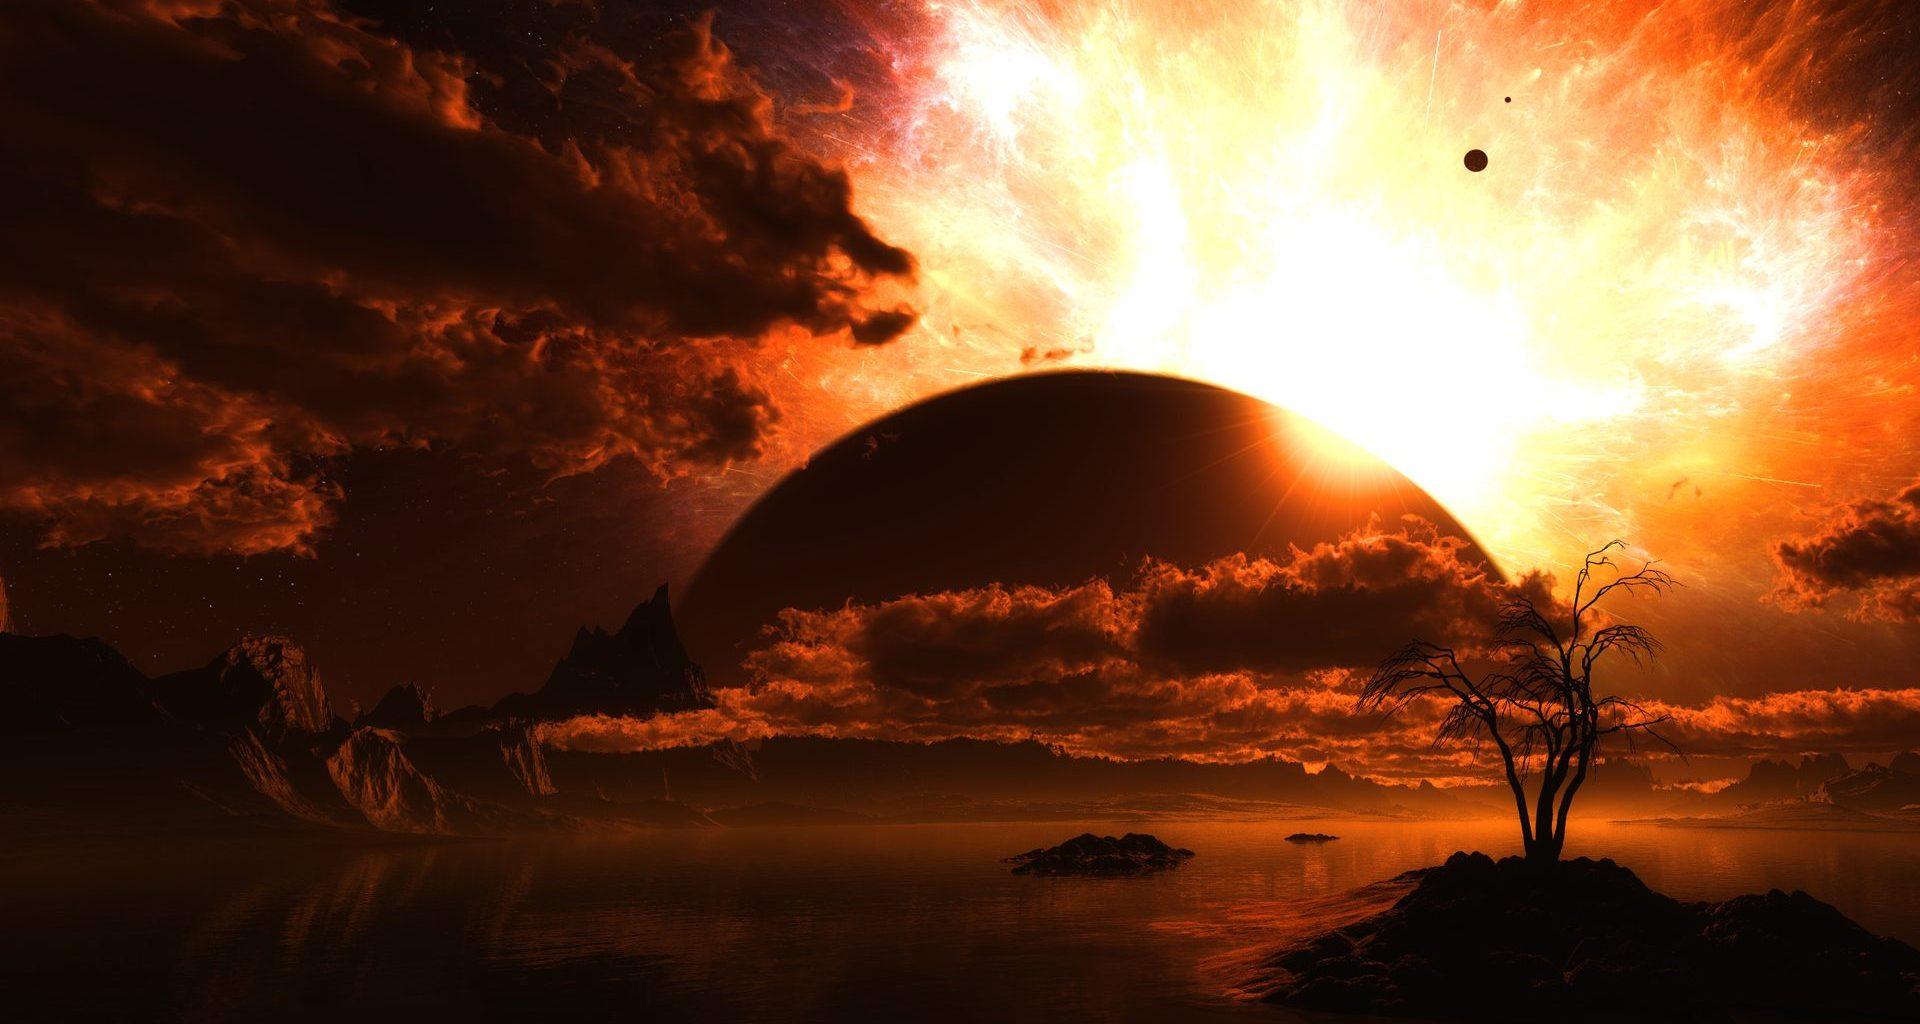 Científica habla de cómo el Universo podría morir